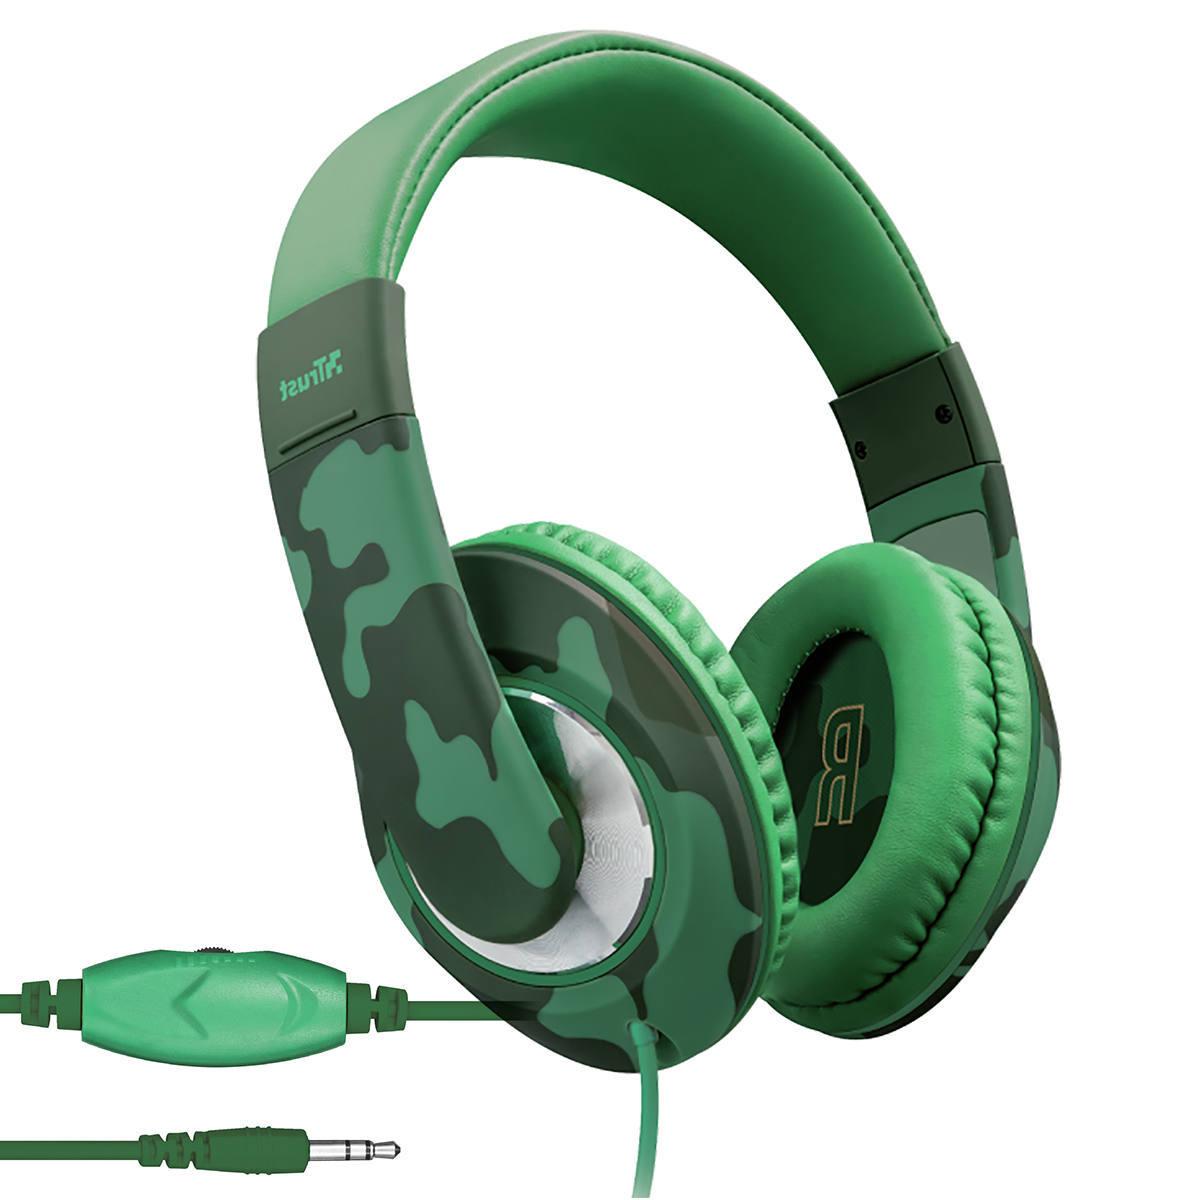 Headphone para Criança Com Limitador de Volume Protege Audição para Celular e Tablet Trust Sonin Kids Jungle Camo